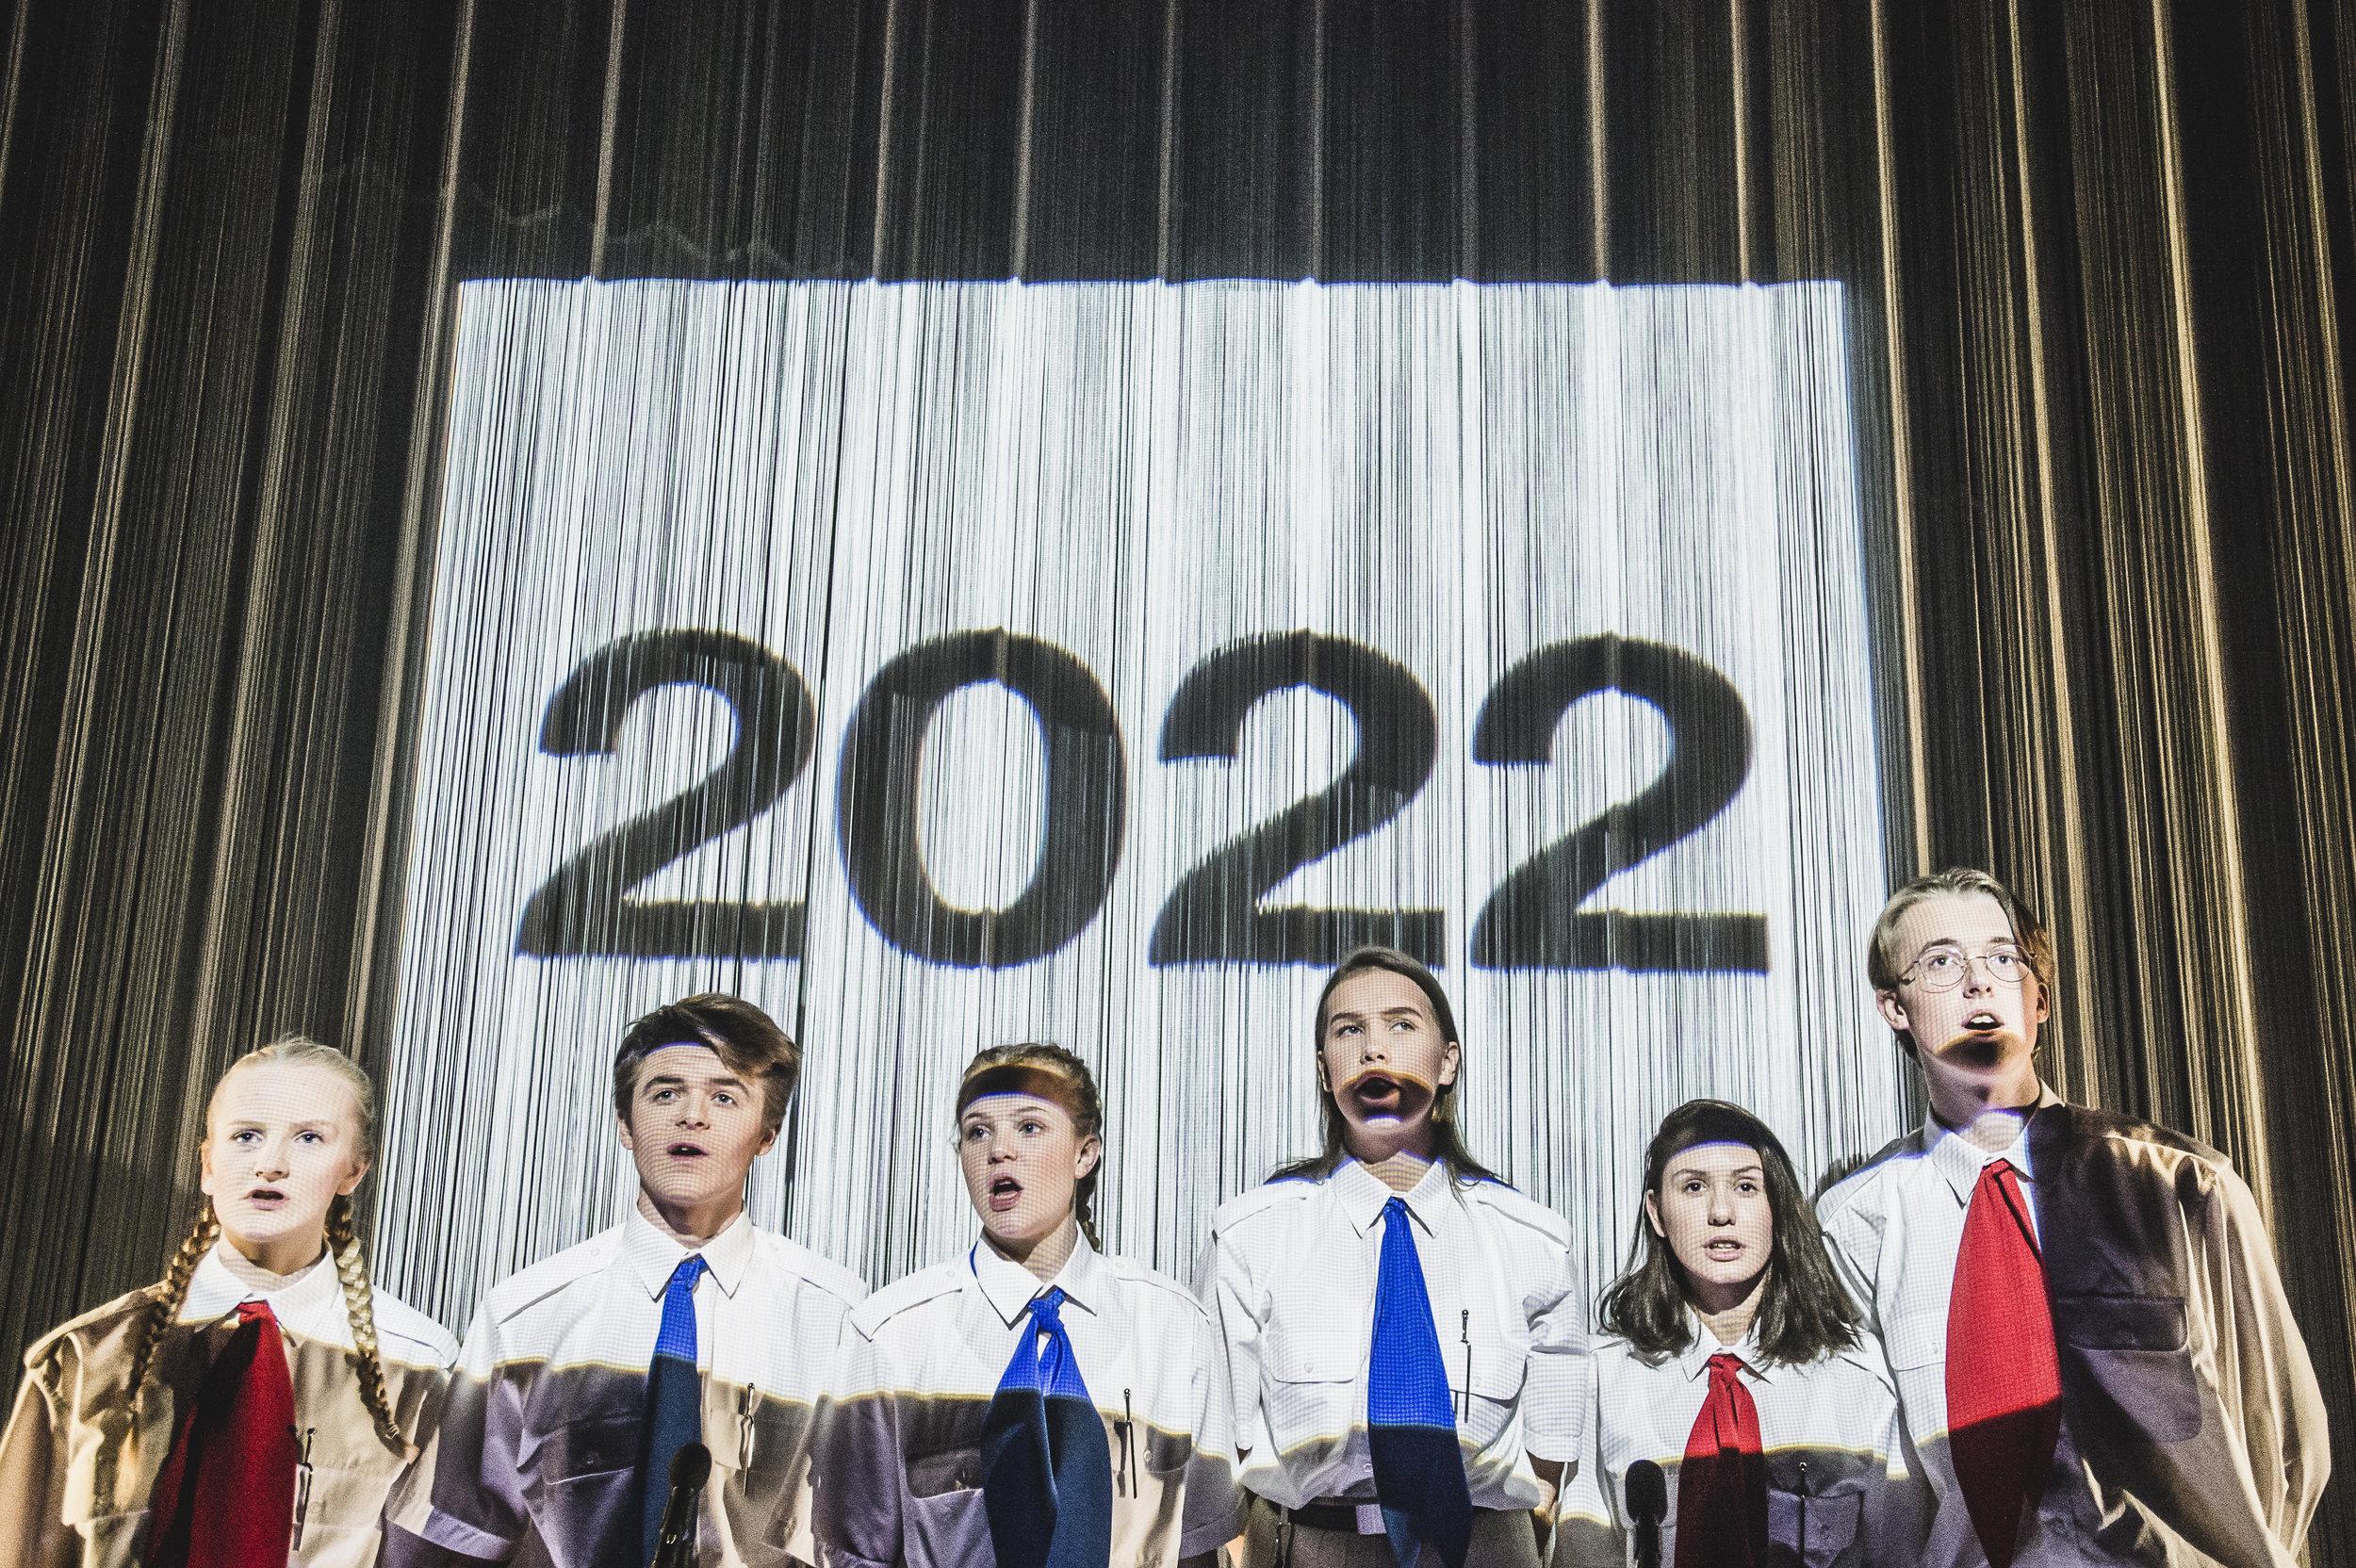 20190219-teateribsen-underkastelse-1028.jpg